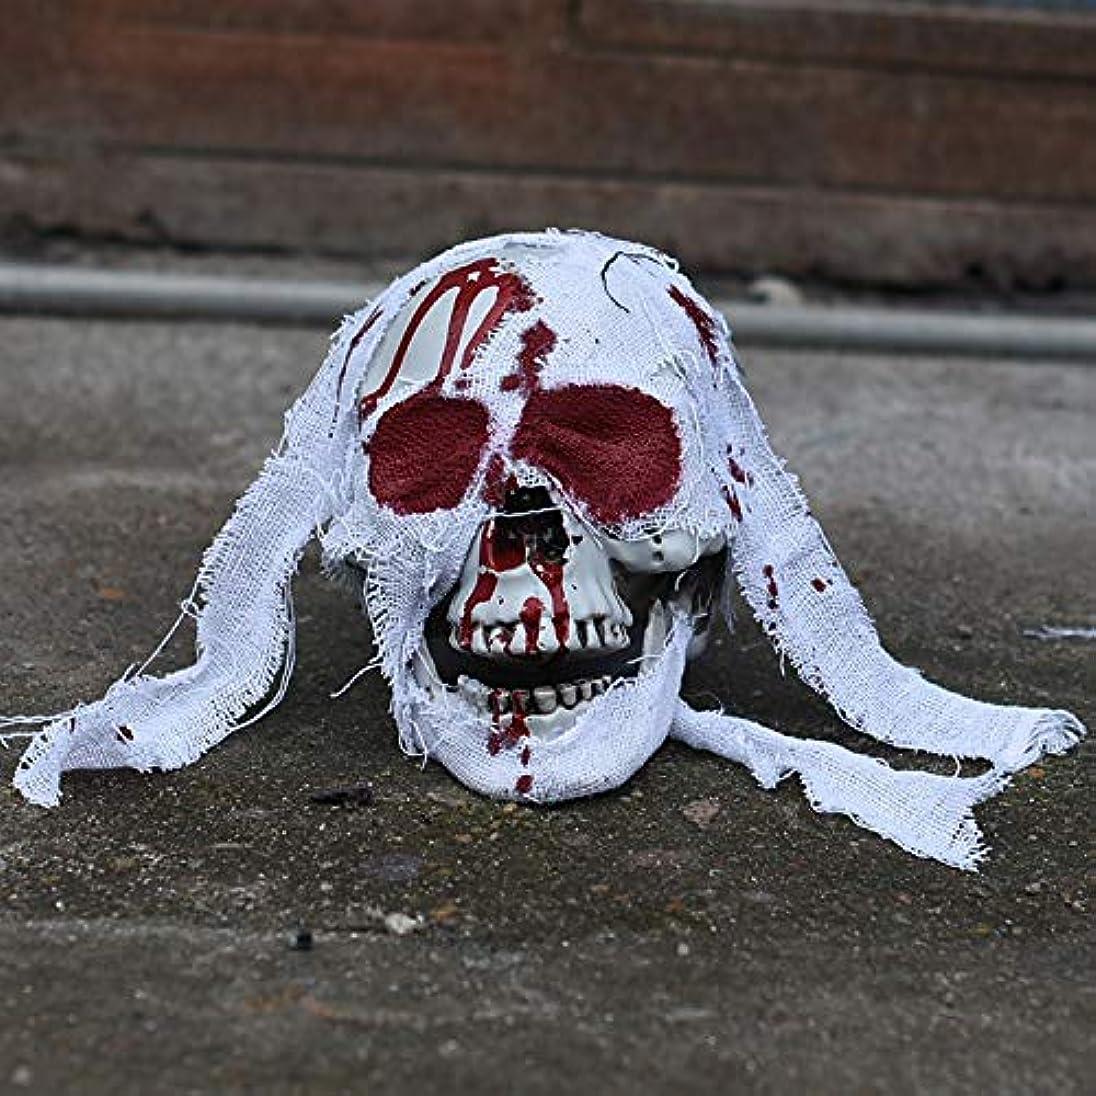 アナウンサー治療一掃するETRRUU HOME ホラーハロウィン小道具バーお化け屋敷シークレットルームブラッディヘッド装飾コスプレ装飾